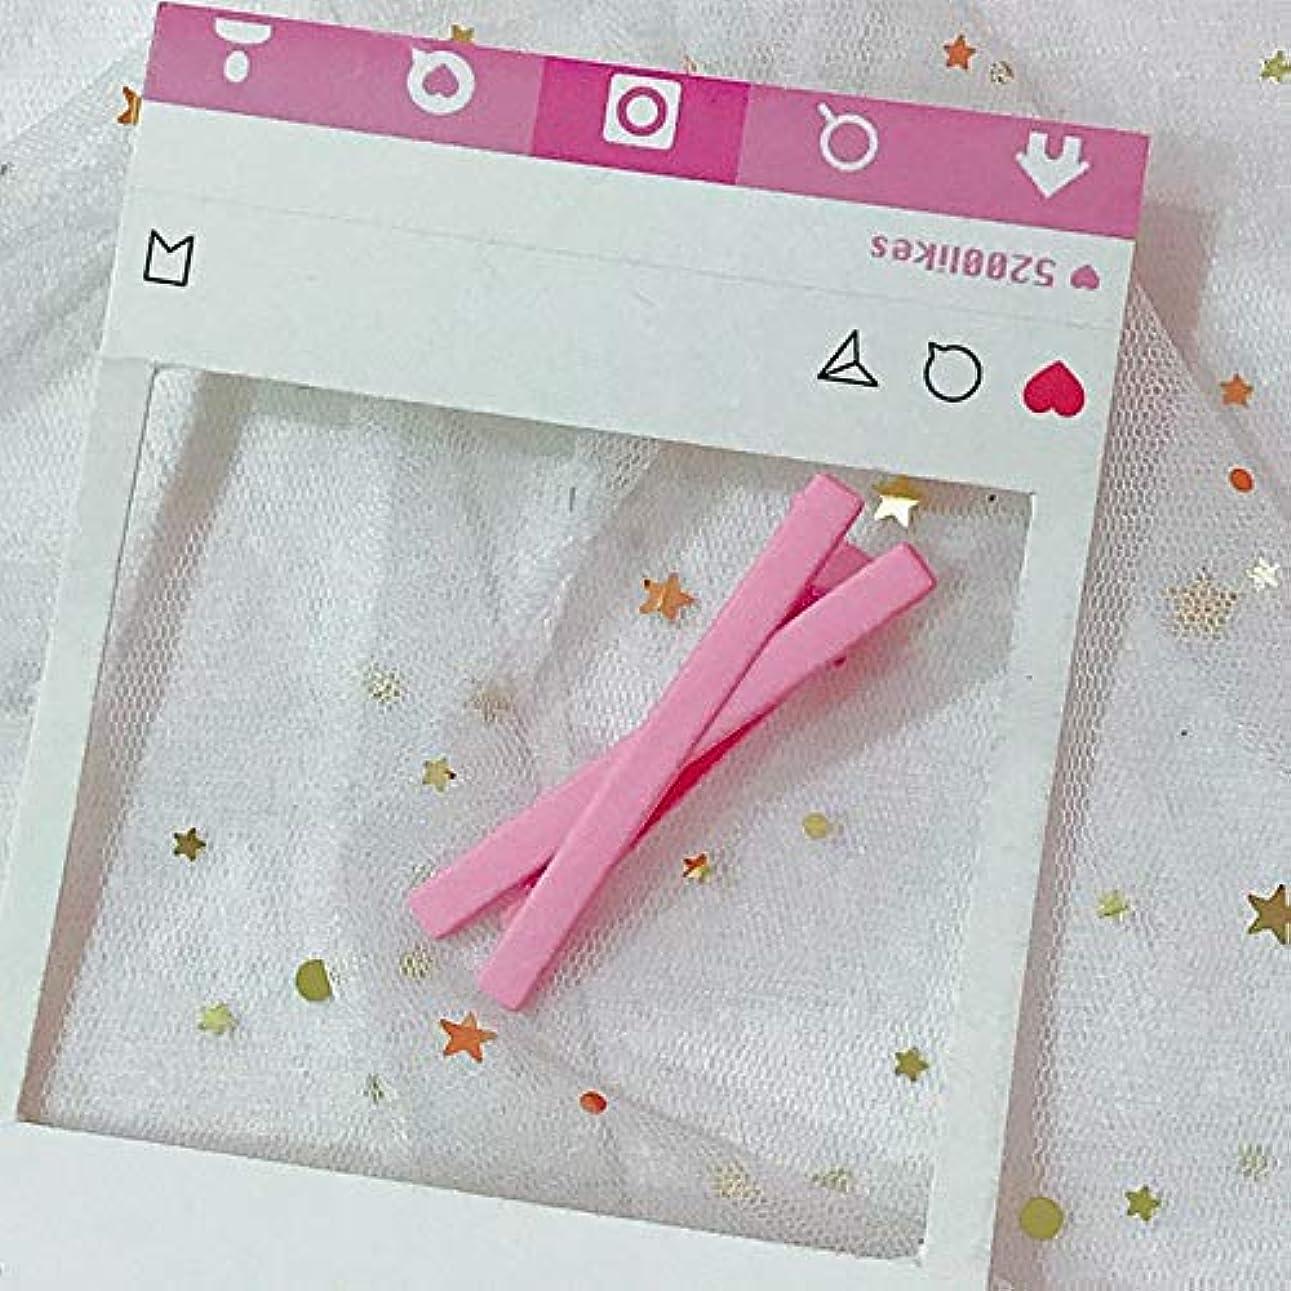 気づくなる抗議認可HuaQingPiJu-JP ファッションシンプルなキャンディー色の子供のヘアピン便利なヘアクリップ(ピンク)